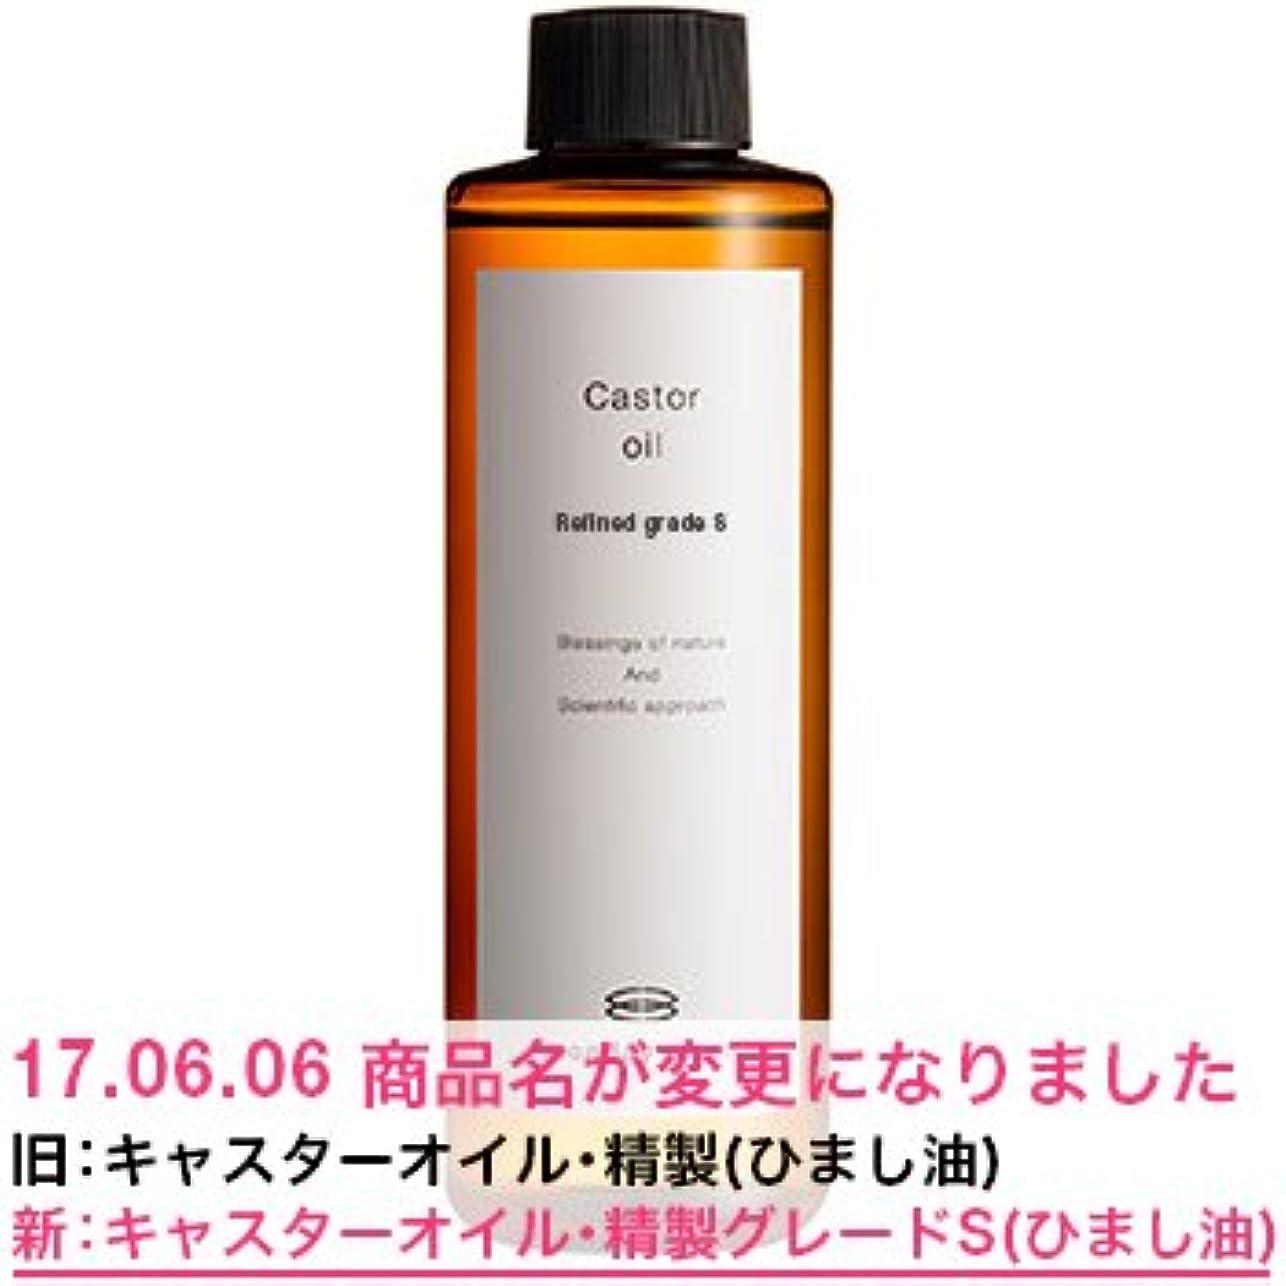 本会議ペンフレンド構造キャスターオイル?精製グレードS(ひまし油)/200ml